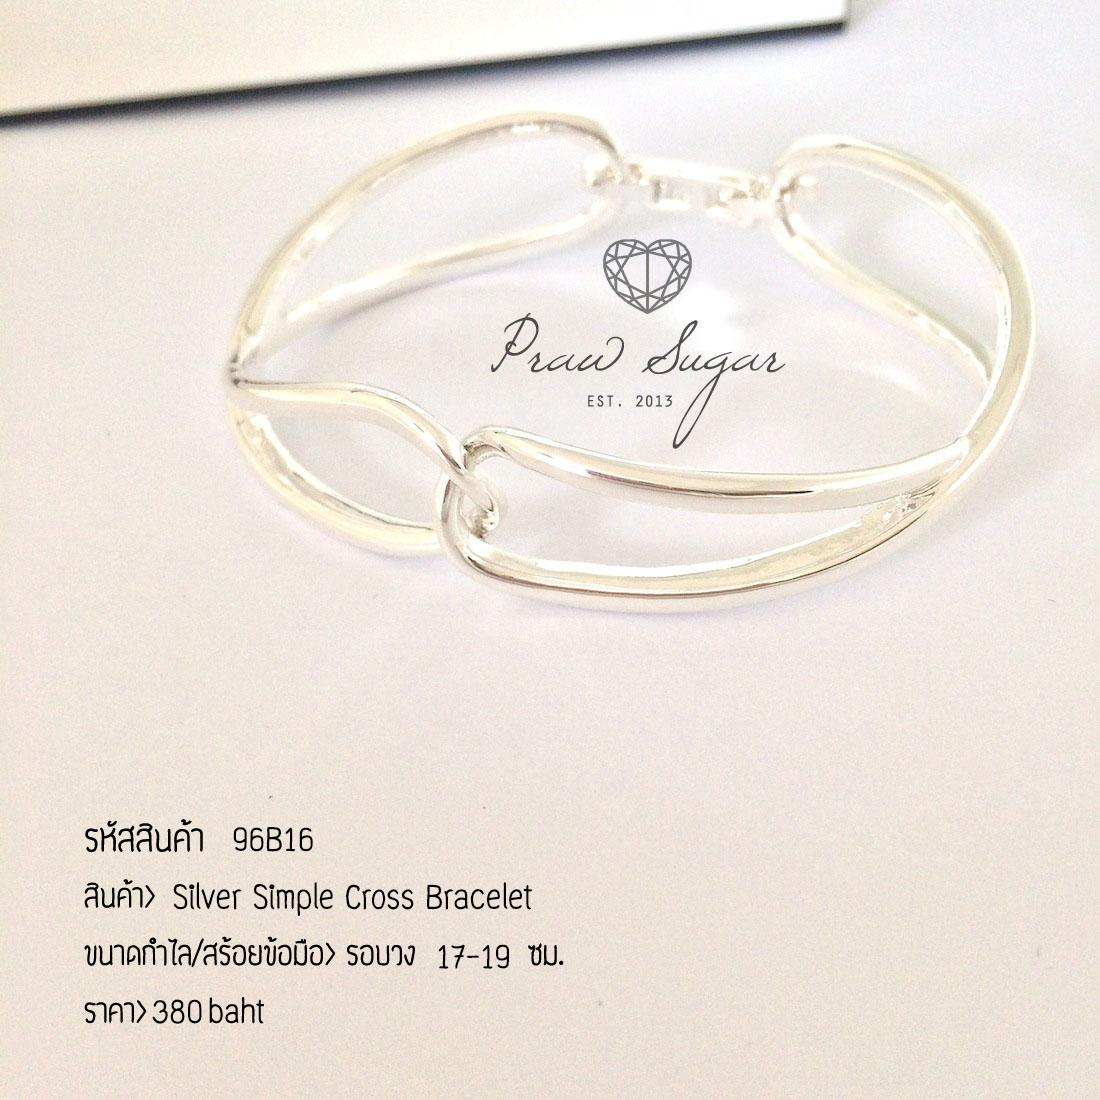 Silver Simple Cross Bracelet